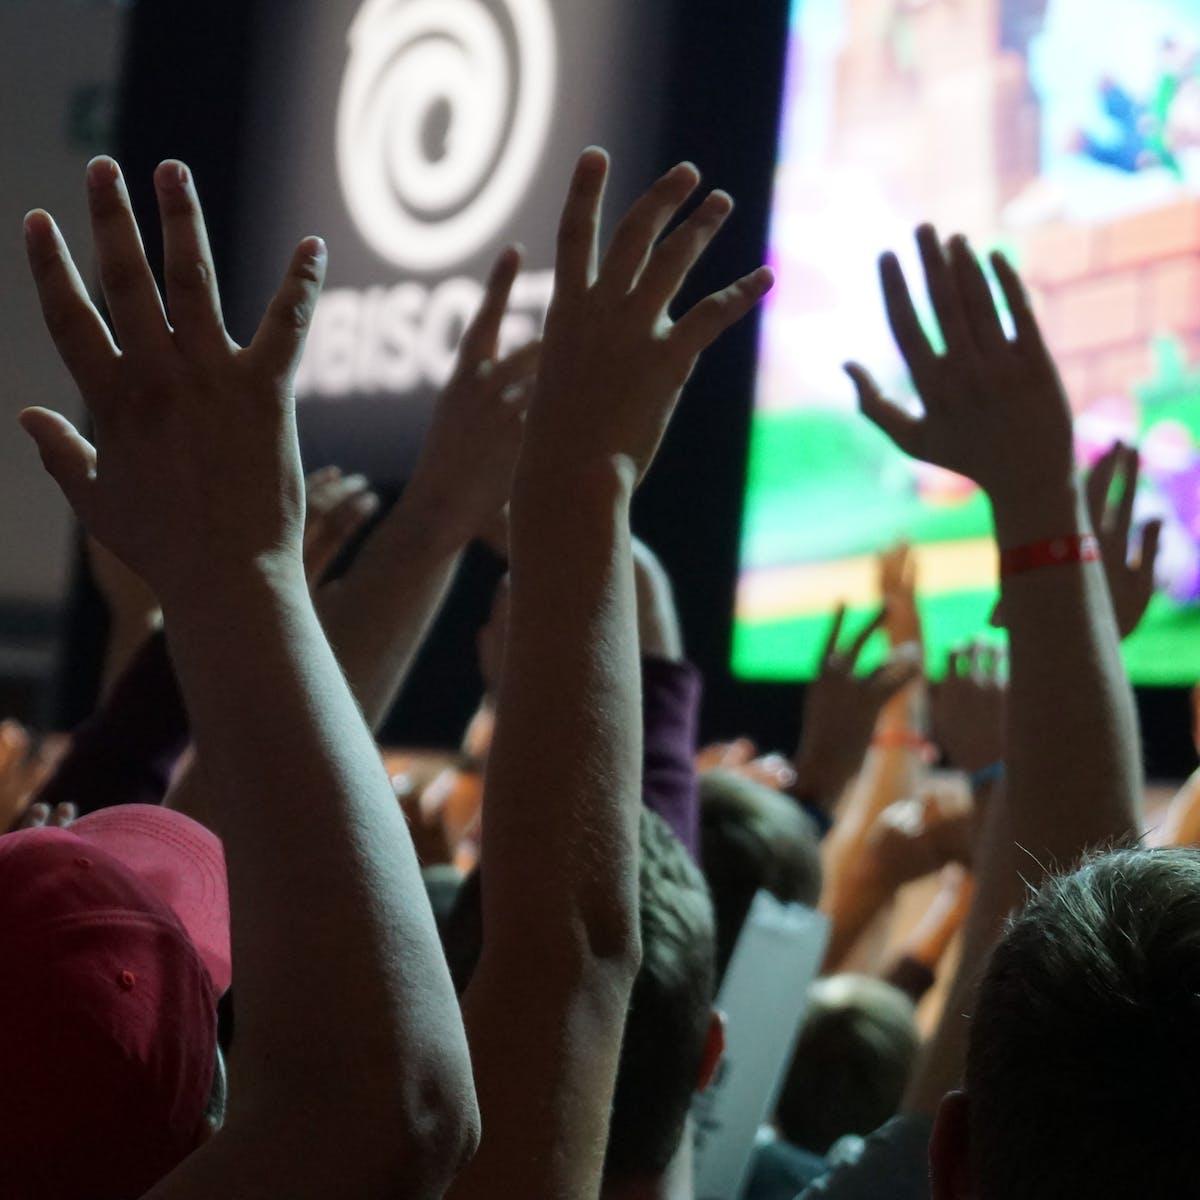 Titelbild-Weltmeister-dank-SAP-gamescom-Spielemesse-Hände-hoch-Feier-pixabay-2676958-superanton